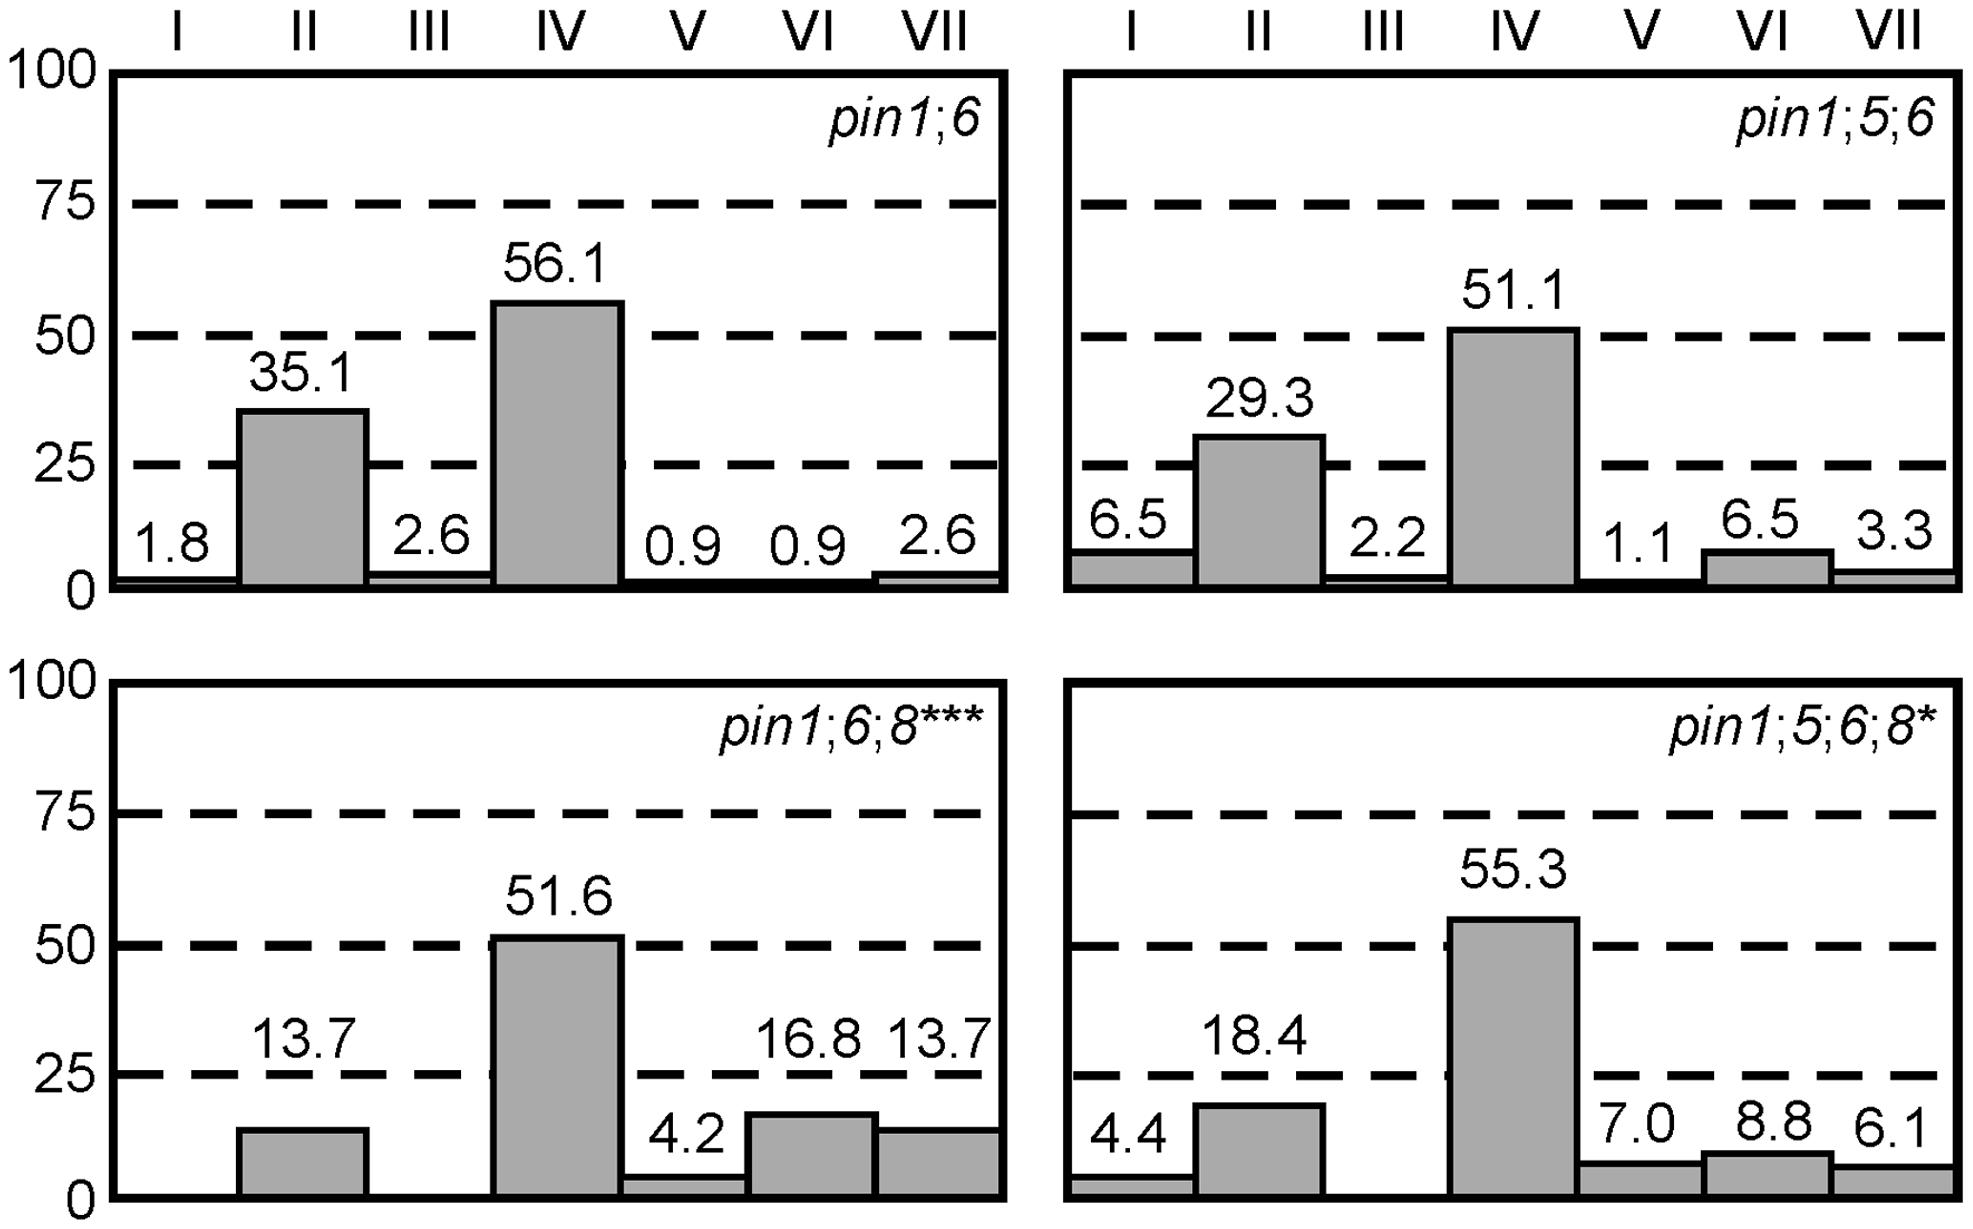 Genetic interaction between <i>PIN1</i>, <i>PIN5</i>, <i>PIN6</i>, and <i>PIN8</i> in vein patterning.